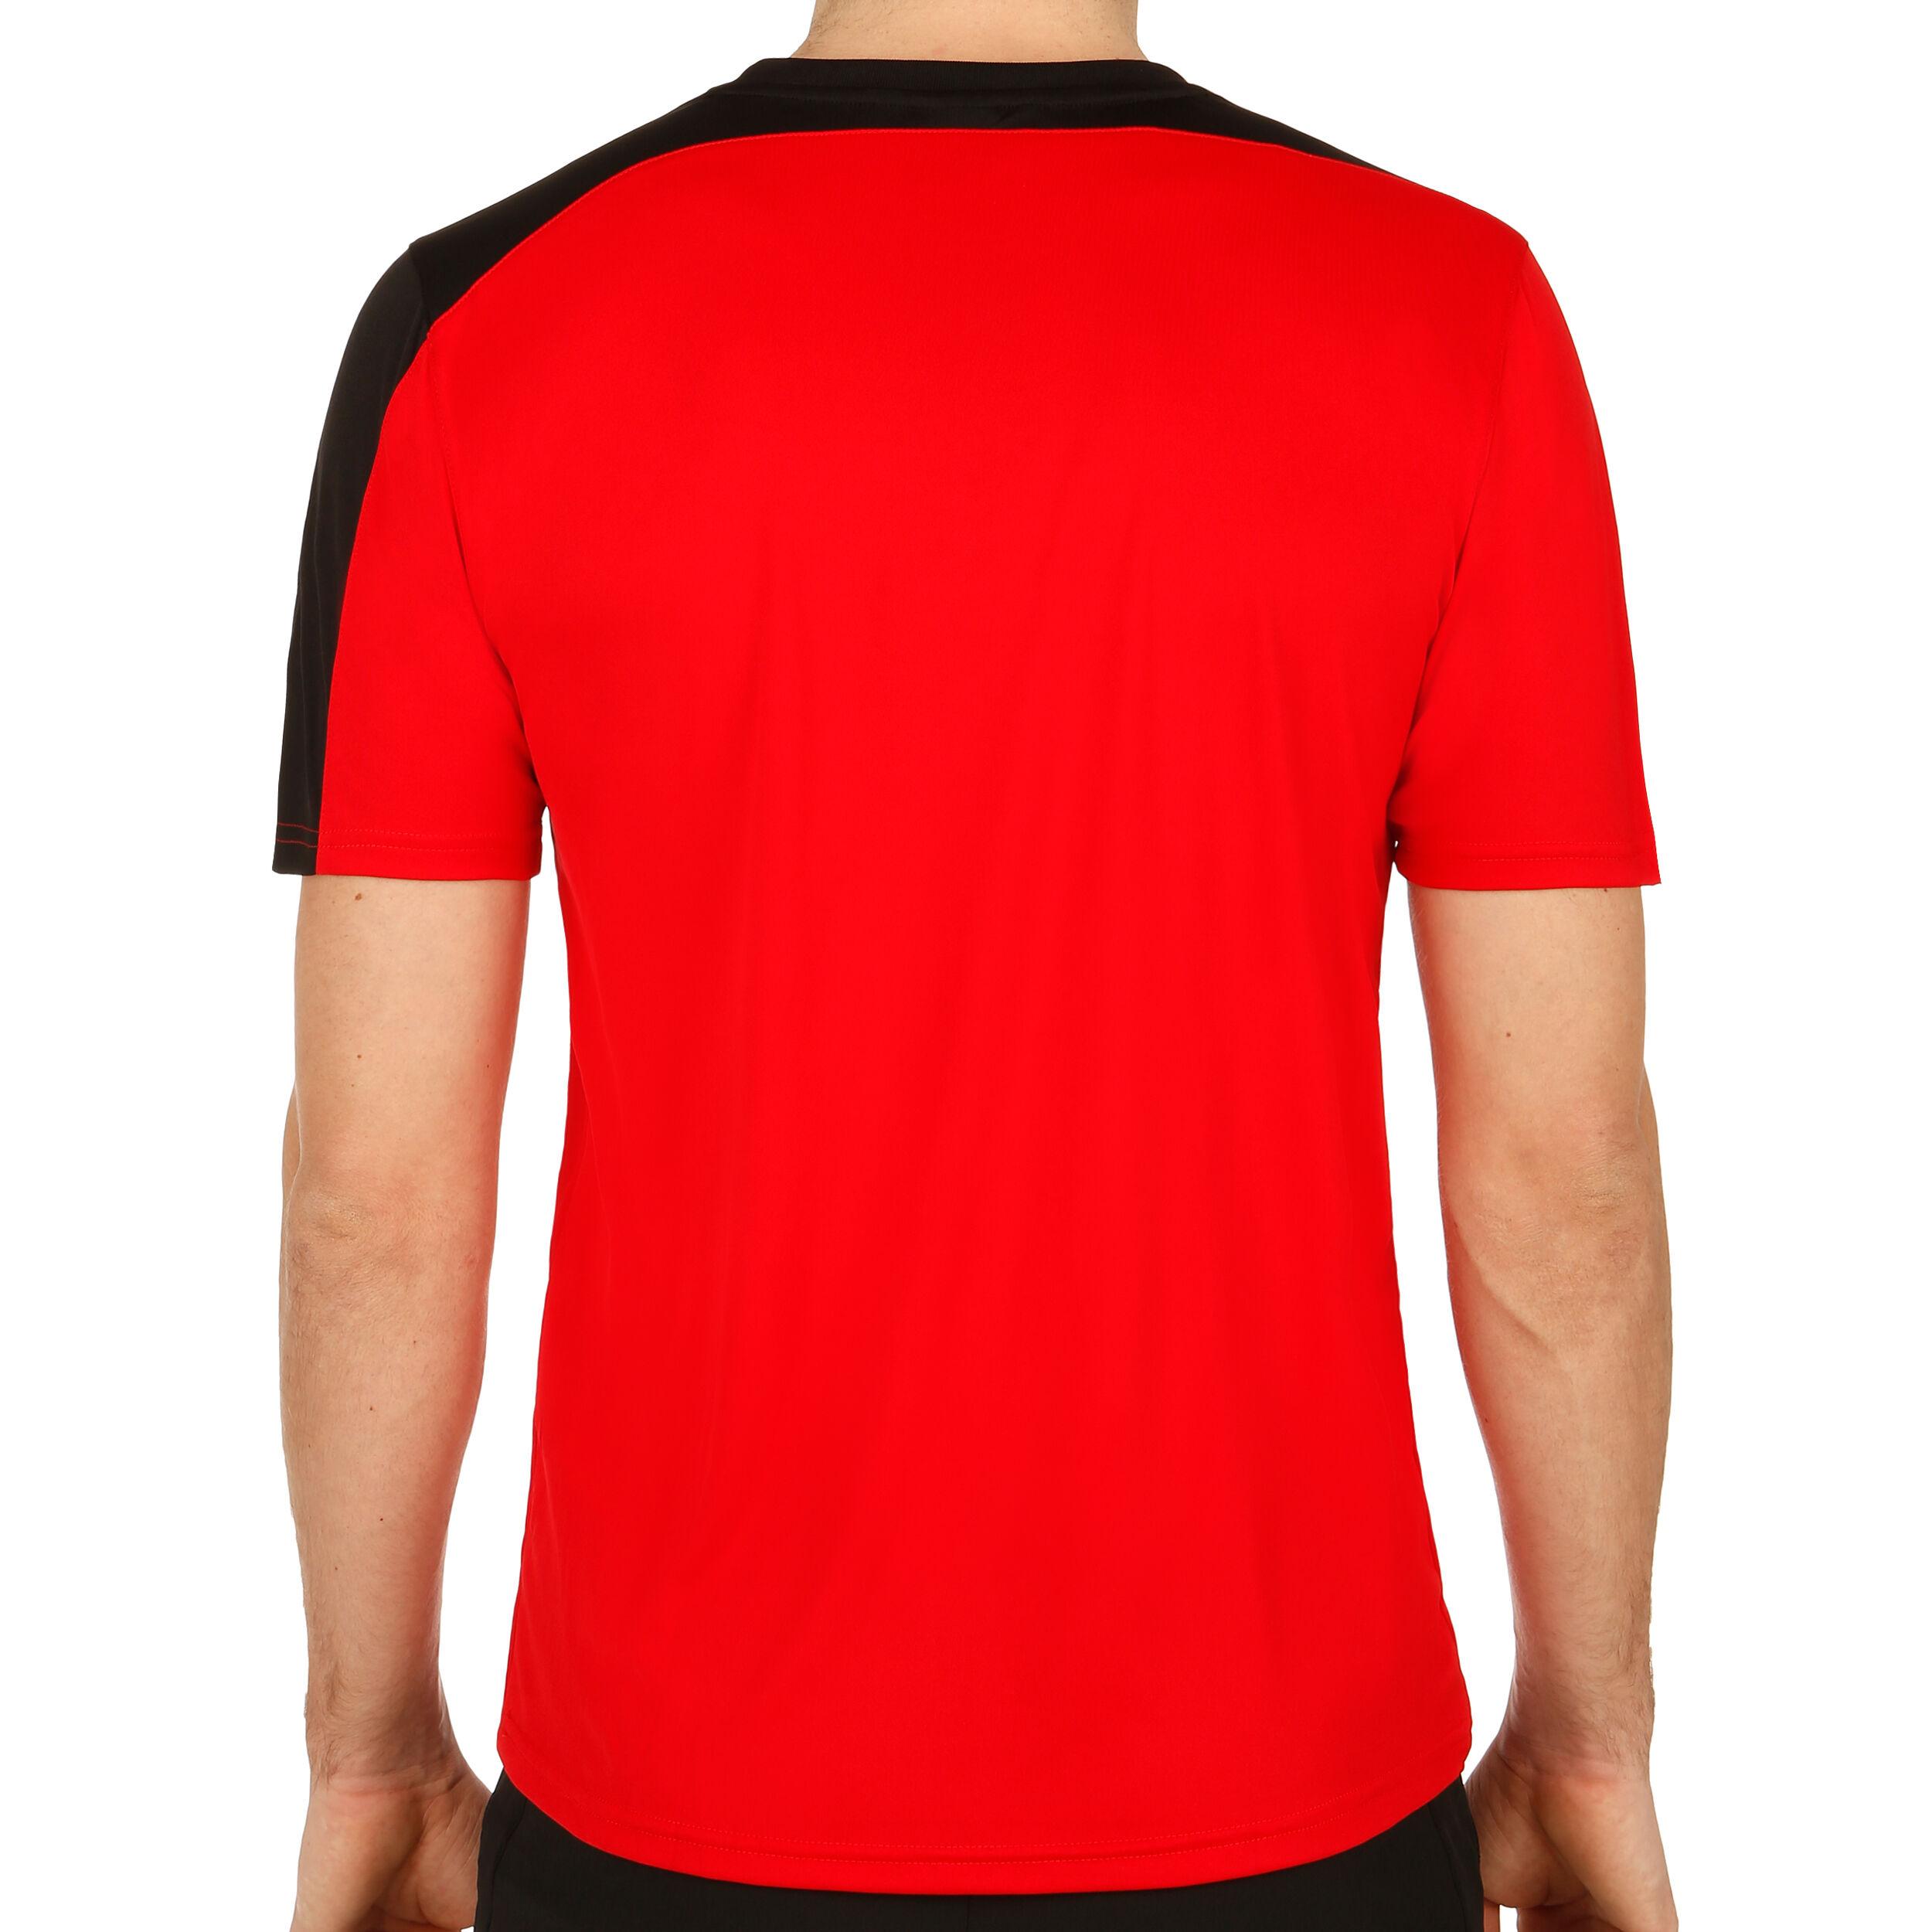 Erima Club 1900 T Shirt Herren Rot, Schwarz online kaufen